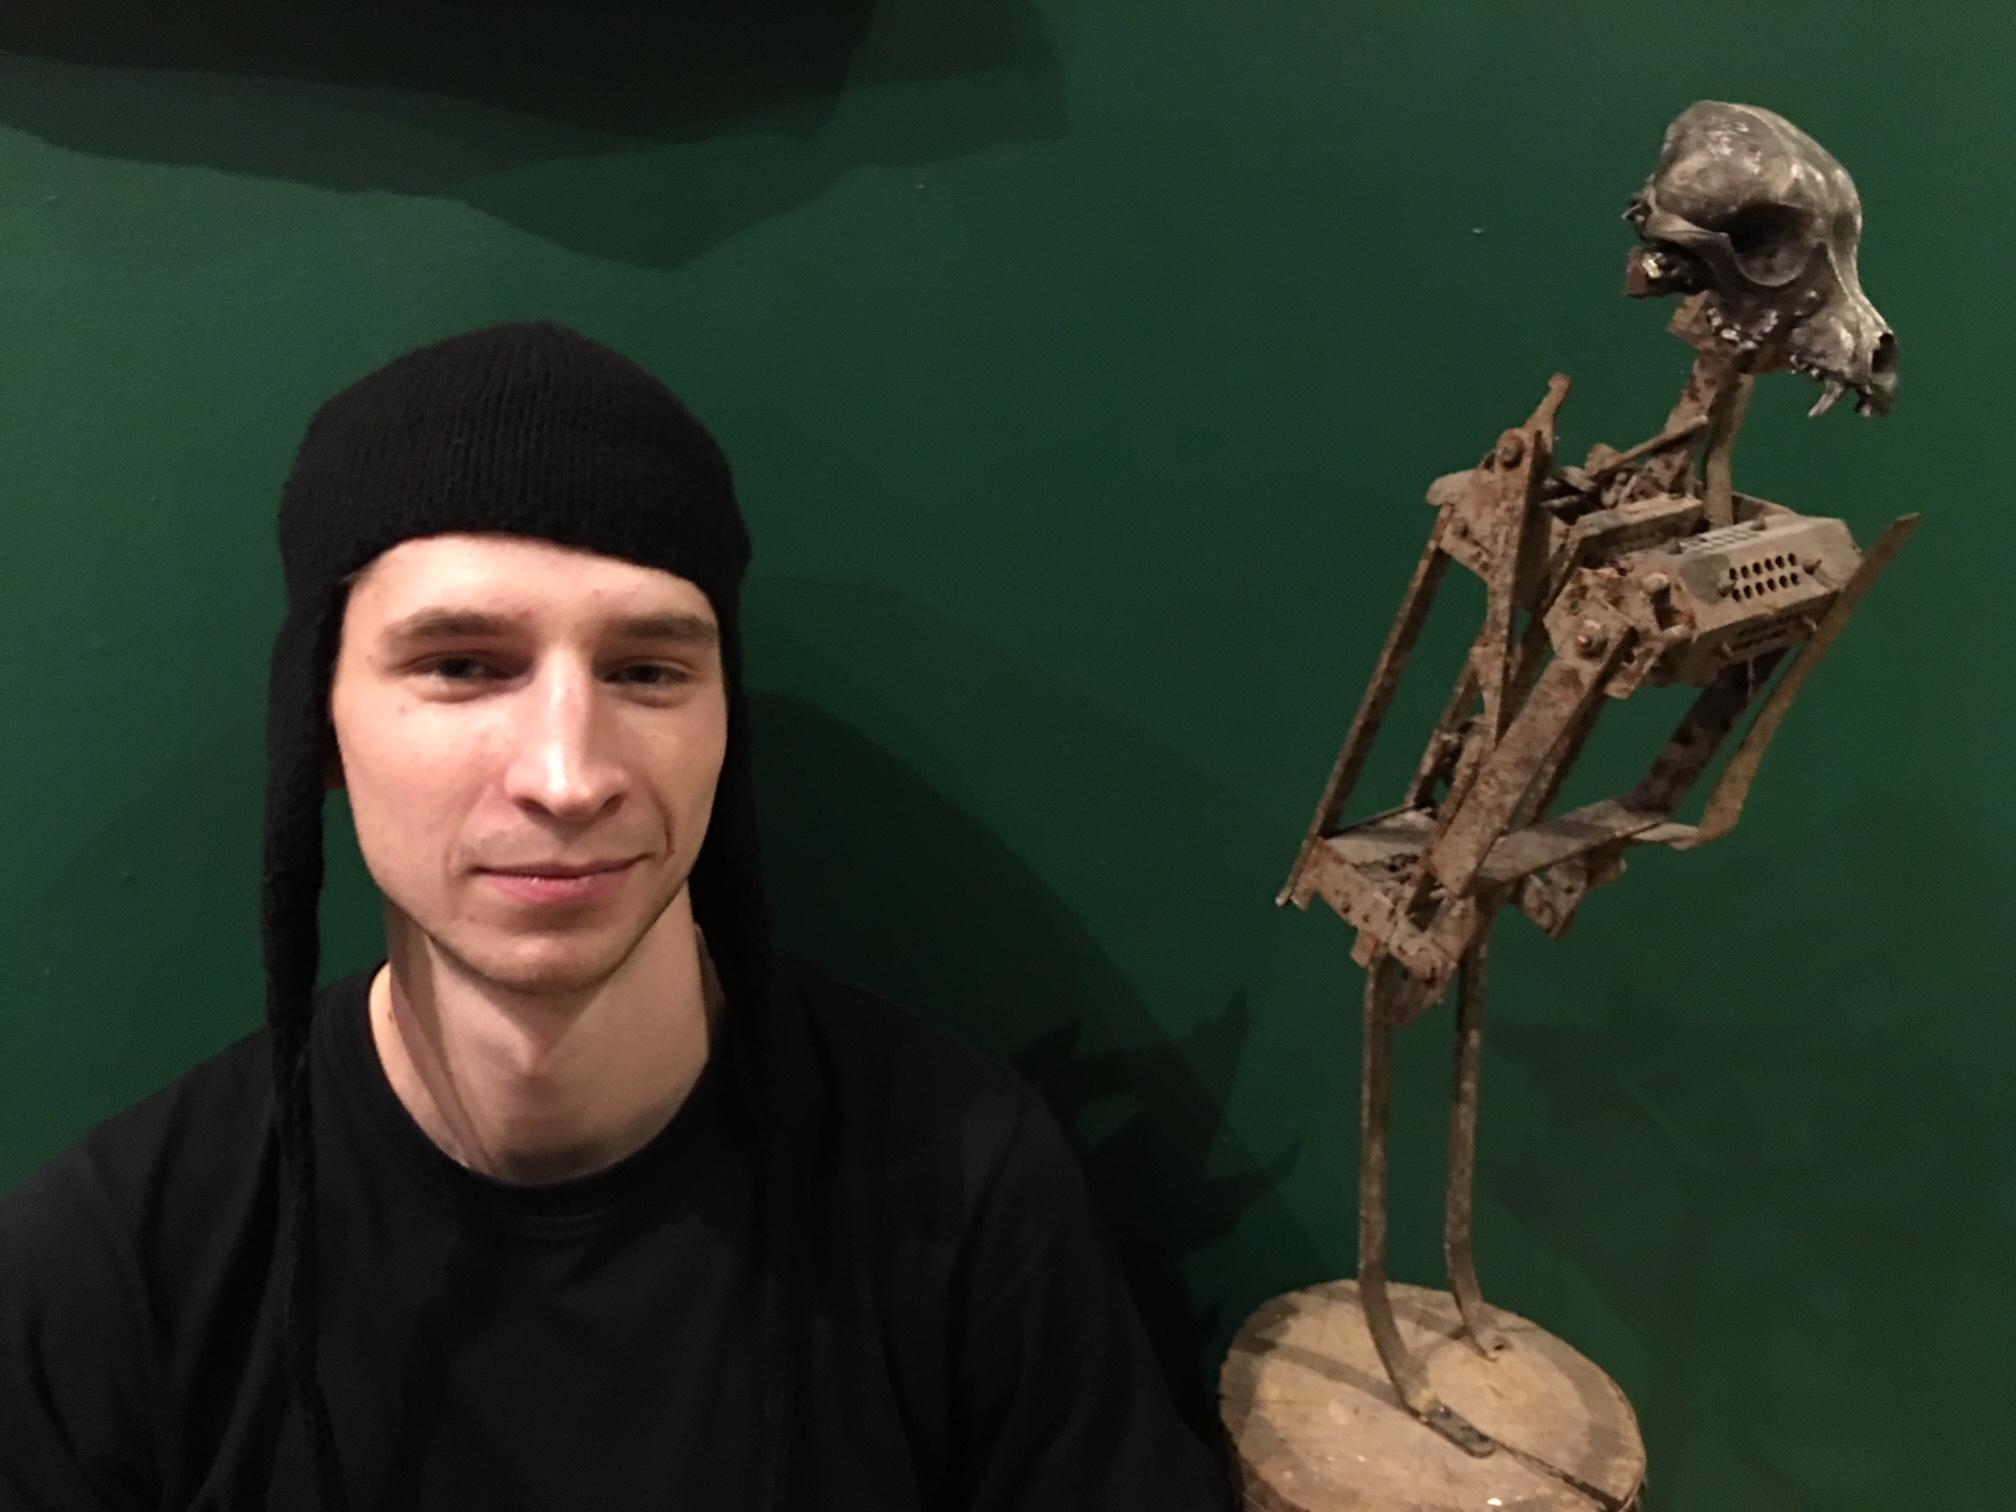 Kirill o skulptur